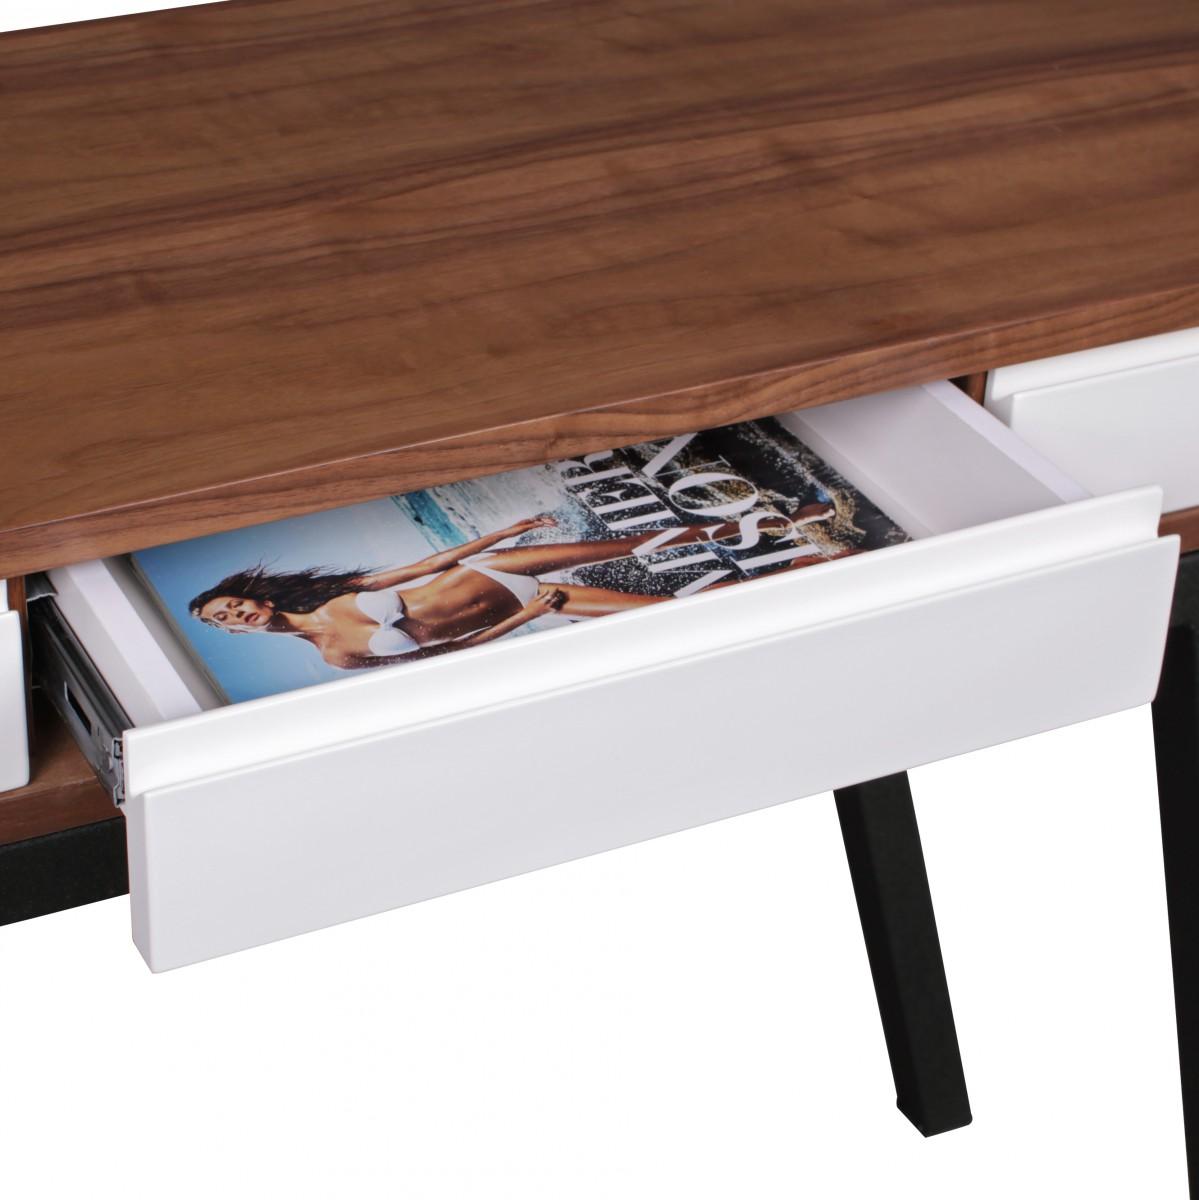 Schreibtisch Retro Walnuss Berry 3 Schubladen Holz Metall Anrichte